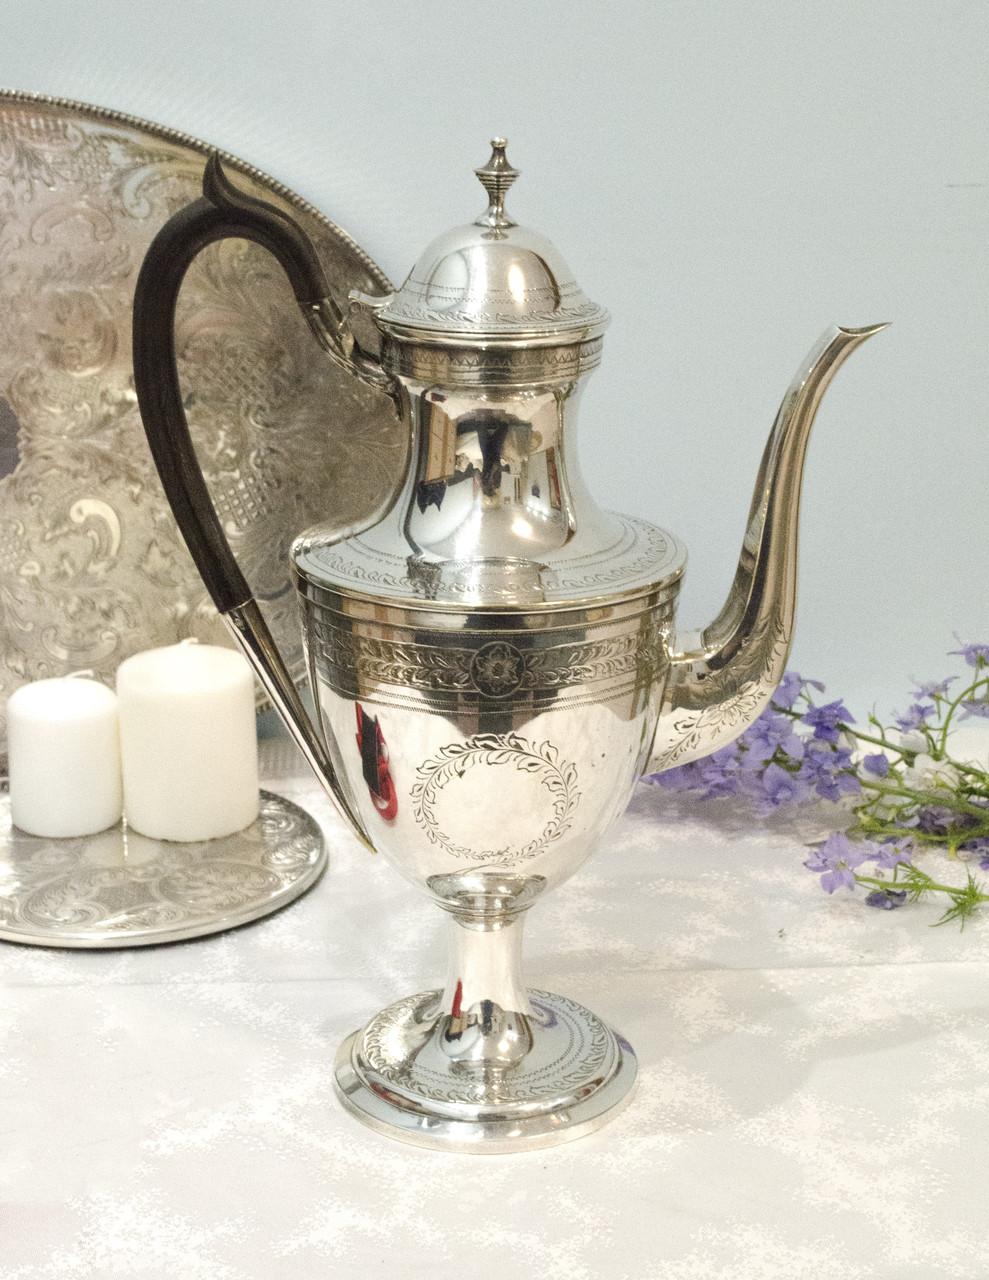 Большой английский посеребренный кофейник, серебрение, Англия, винтаж